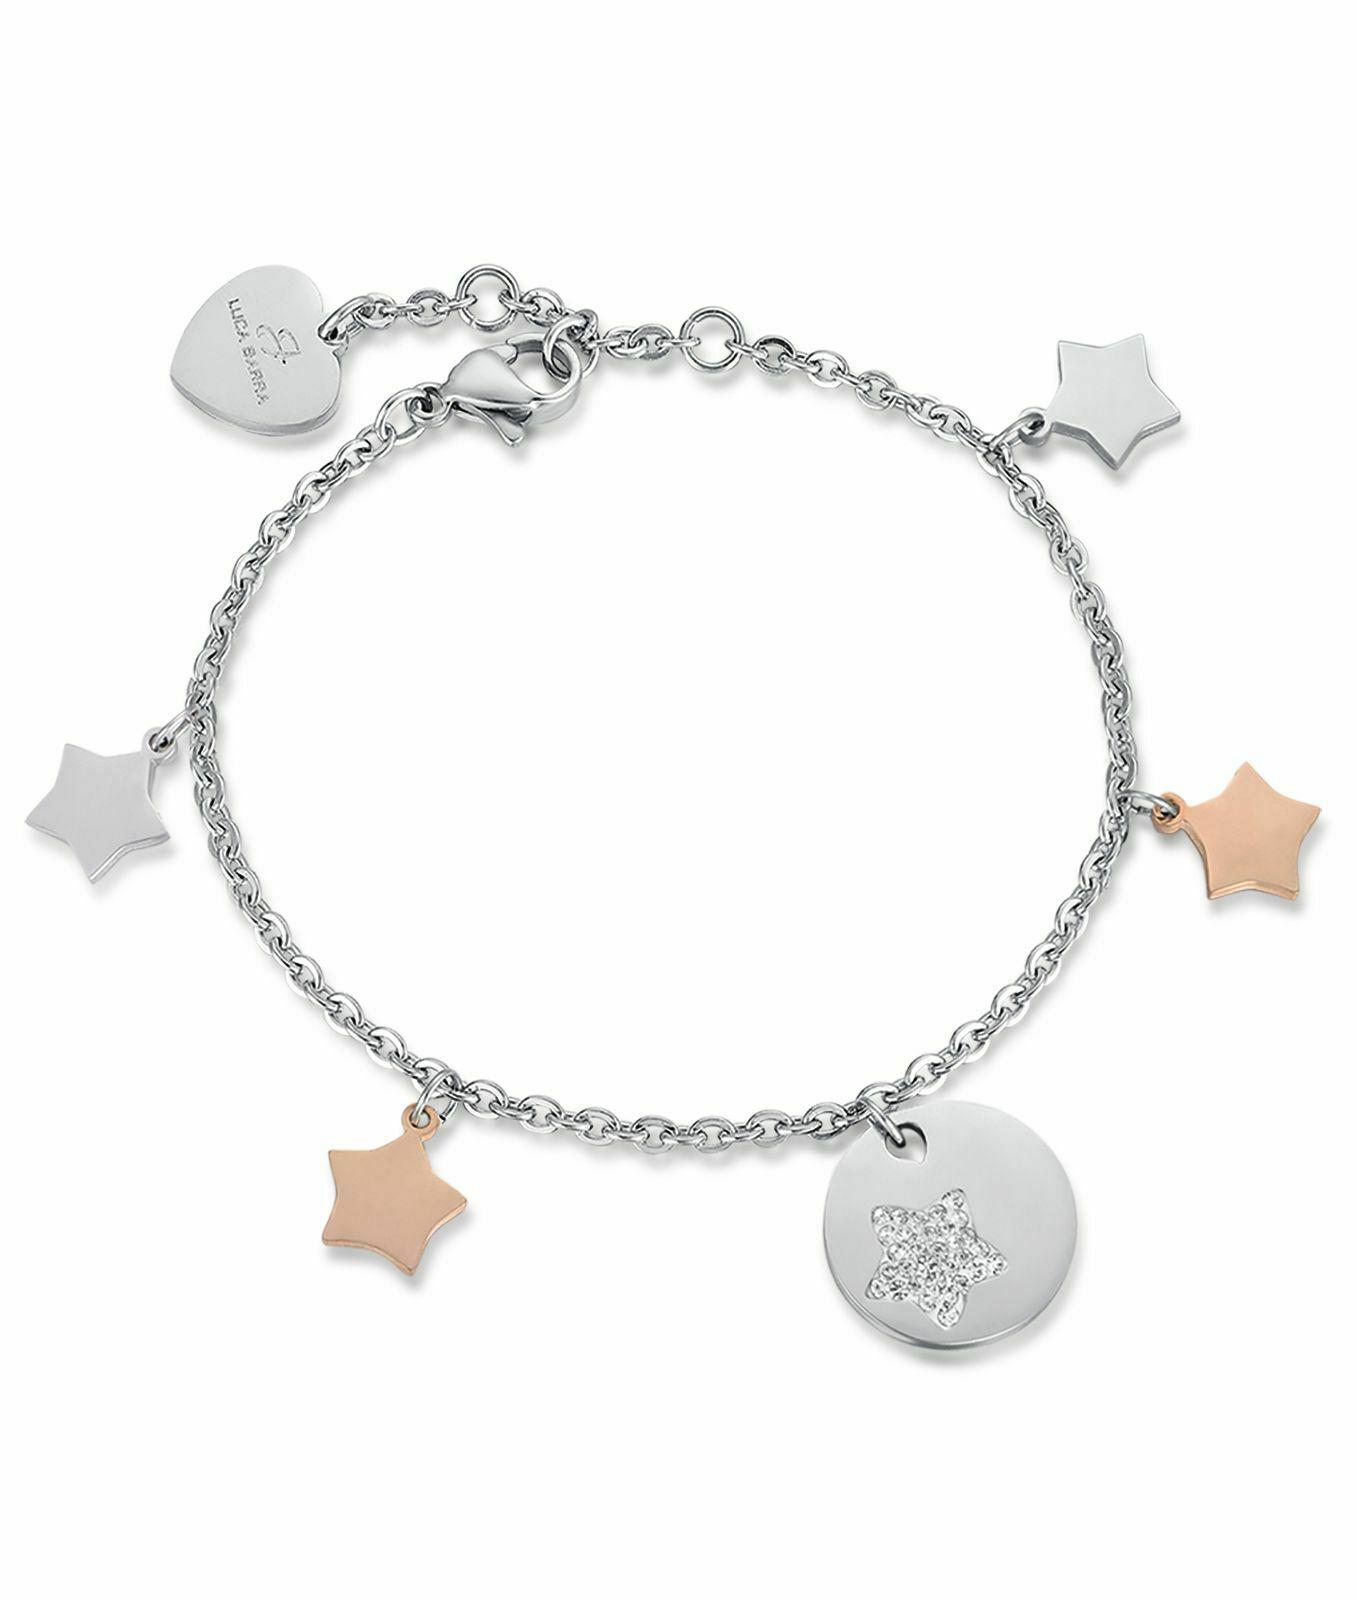 Bracciale donna Luca Barra in acciaio con ciondoli stelle BK1803